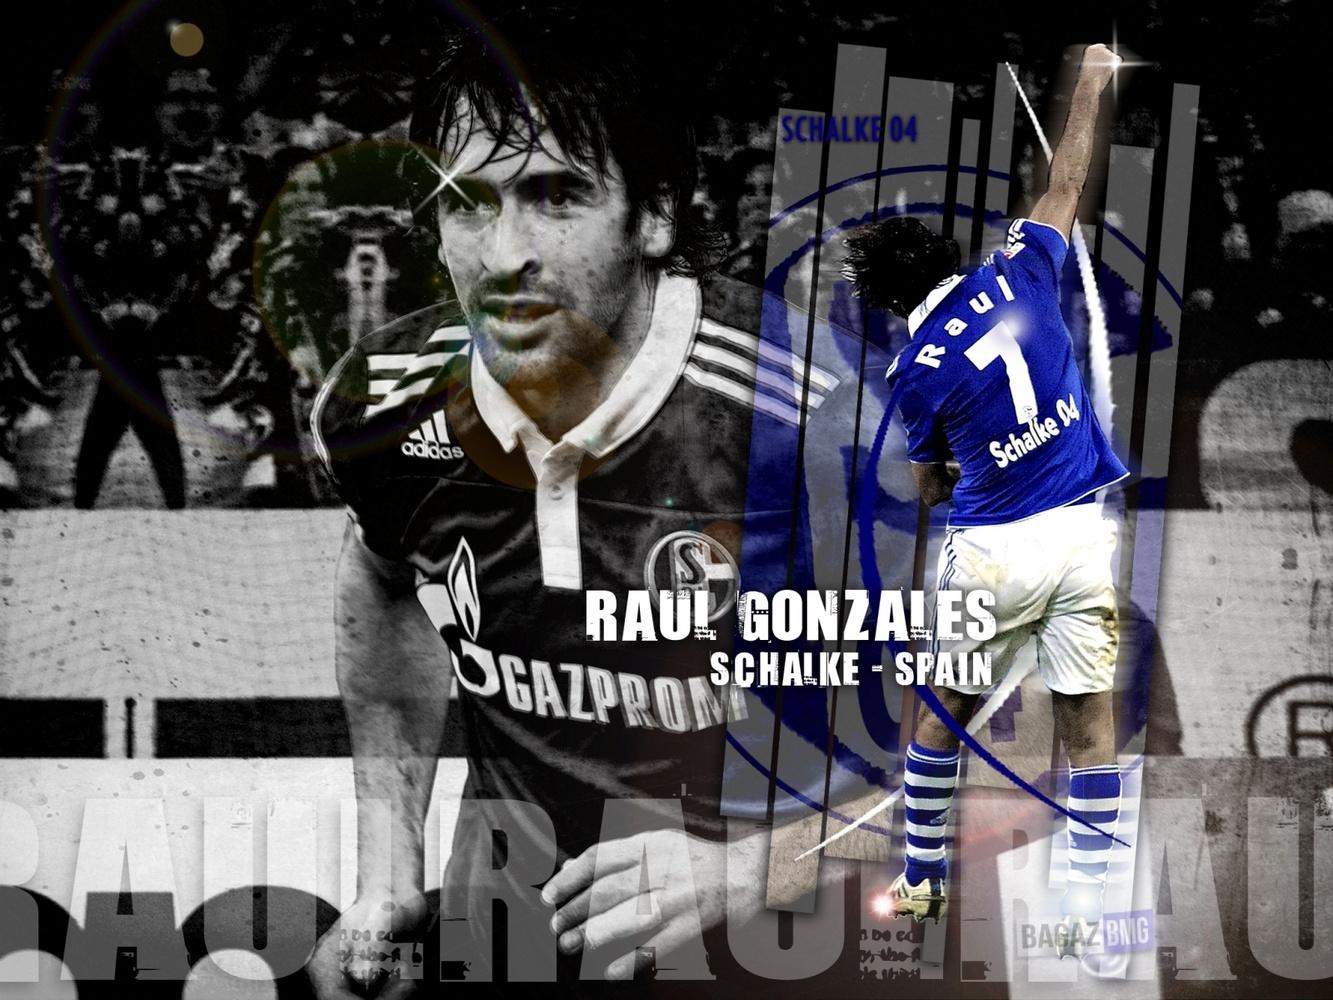 http://2.bp.blogspot.com/-5GXRjhdkK-w/Ti78UO_ljLI/AAAAAAAABxo/FKjmXaW6Tj0/s1600/Raul-Gonzalez-Schalke-04-Wallpaper-2011-2.jpg